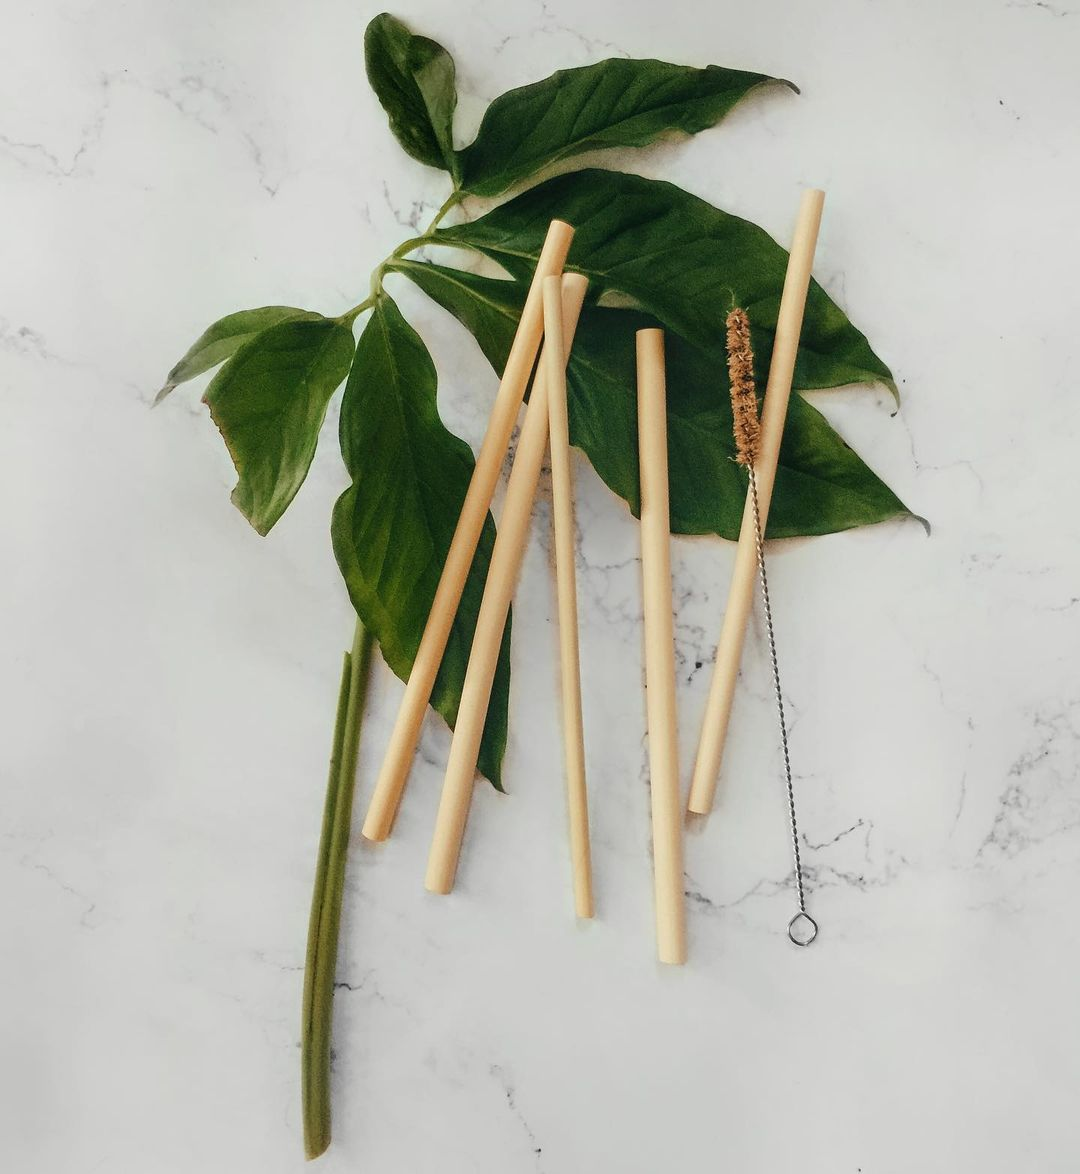 Ống hút Tre, Bamboo straws, 1 thùng size S20, Đường kính từ 6mm đến 9mm, dài 200±2mm, số lượng từ 1.800 đến 2.000 ống.